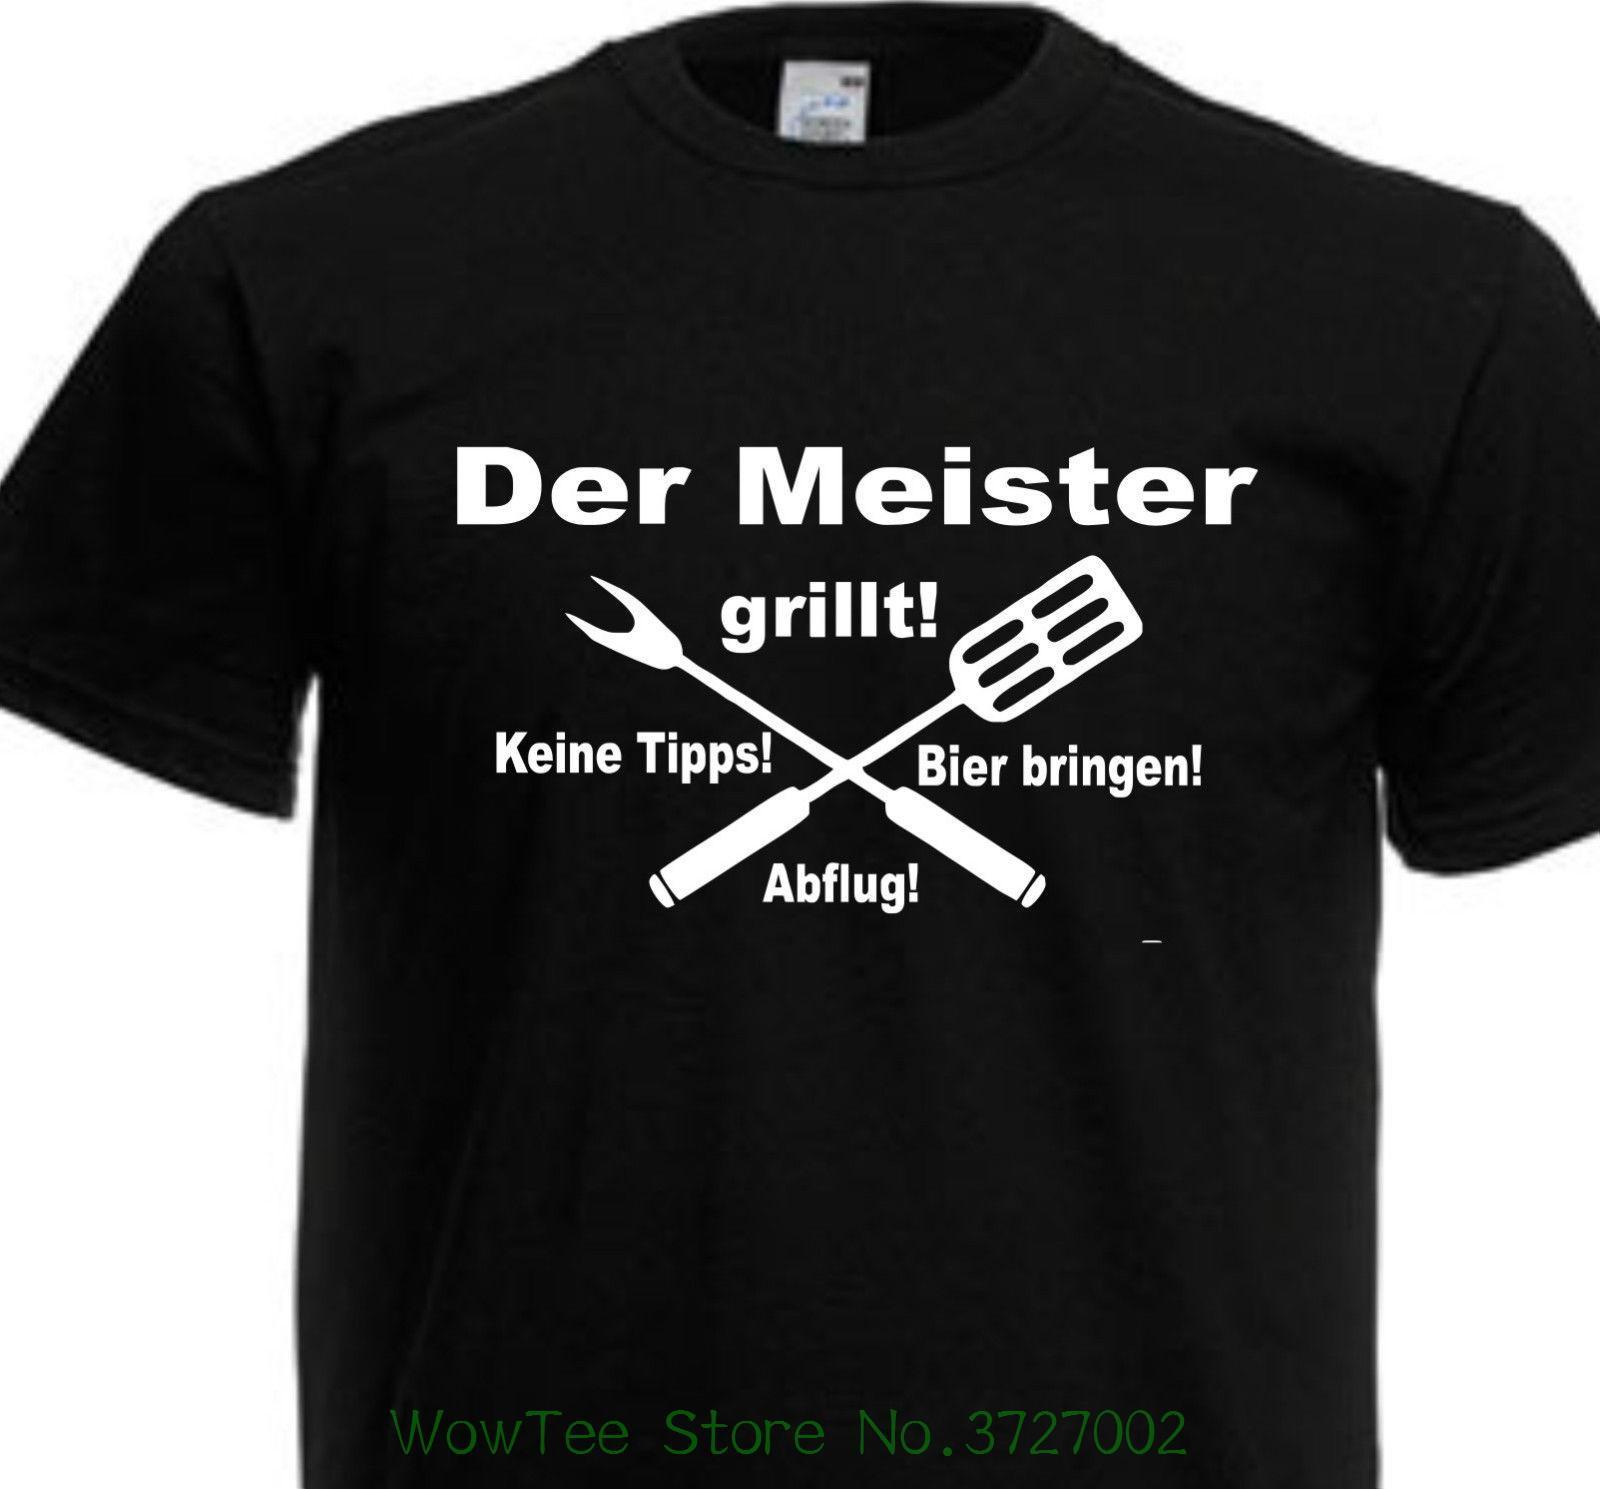 klassisch letzte Veröffentlichung 100% original T-shirt Grillen Grillfest Fun Spruch Lustig Bedruckt Farbe Schwarz Bis 5xl  Ek103 On Sale New Fashion Summer